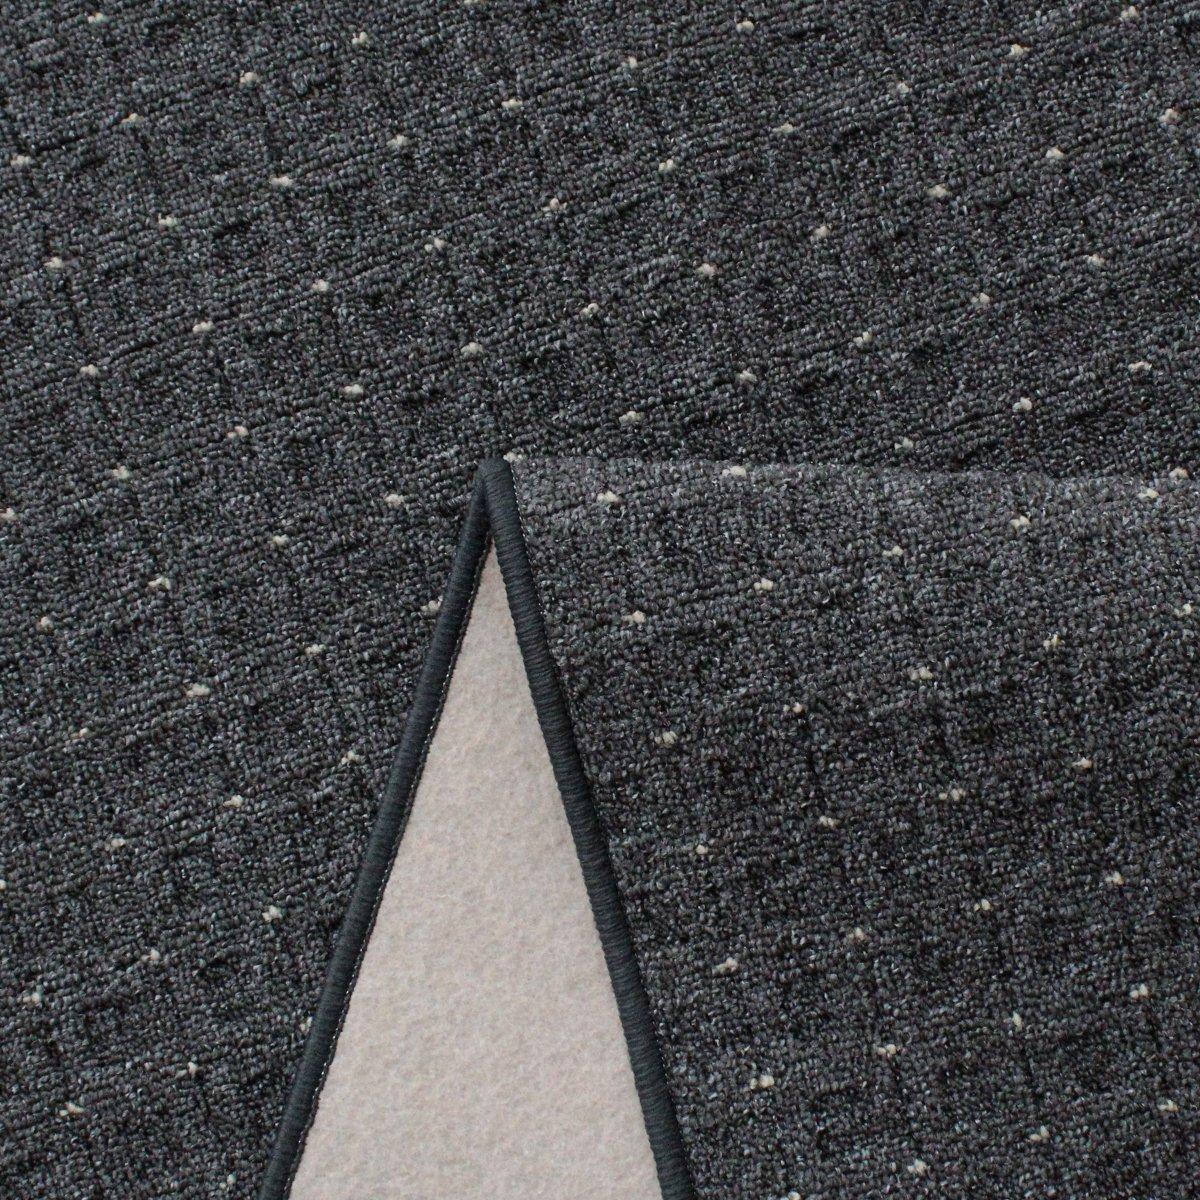 Havatex Schlingen Teppich Cambridge - Farbe Farbe Farbe wählbar - Geprüfte Qualität  schadstoffgeprüft pflegeleicht robust   für Wohnzimmer Schlafzimmer Flure Büros, Farbe Lila, Größe 300 x 400 cm B0776X1Z2P Teppiche & Lufer 6eadee